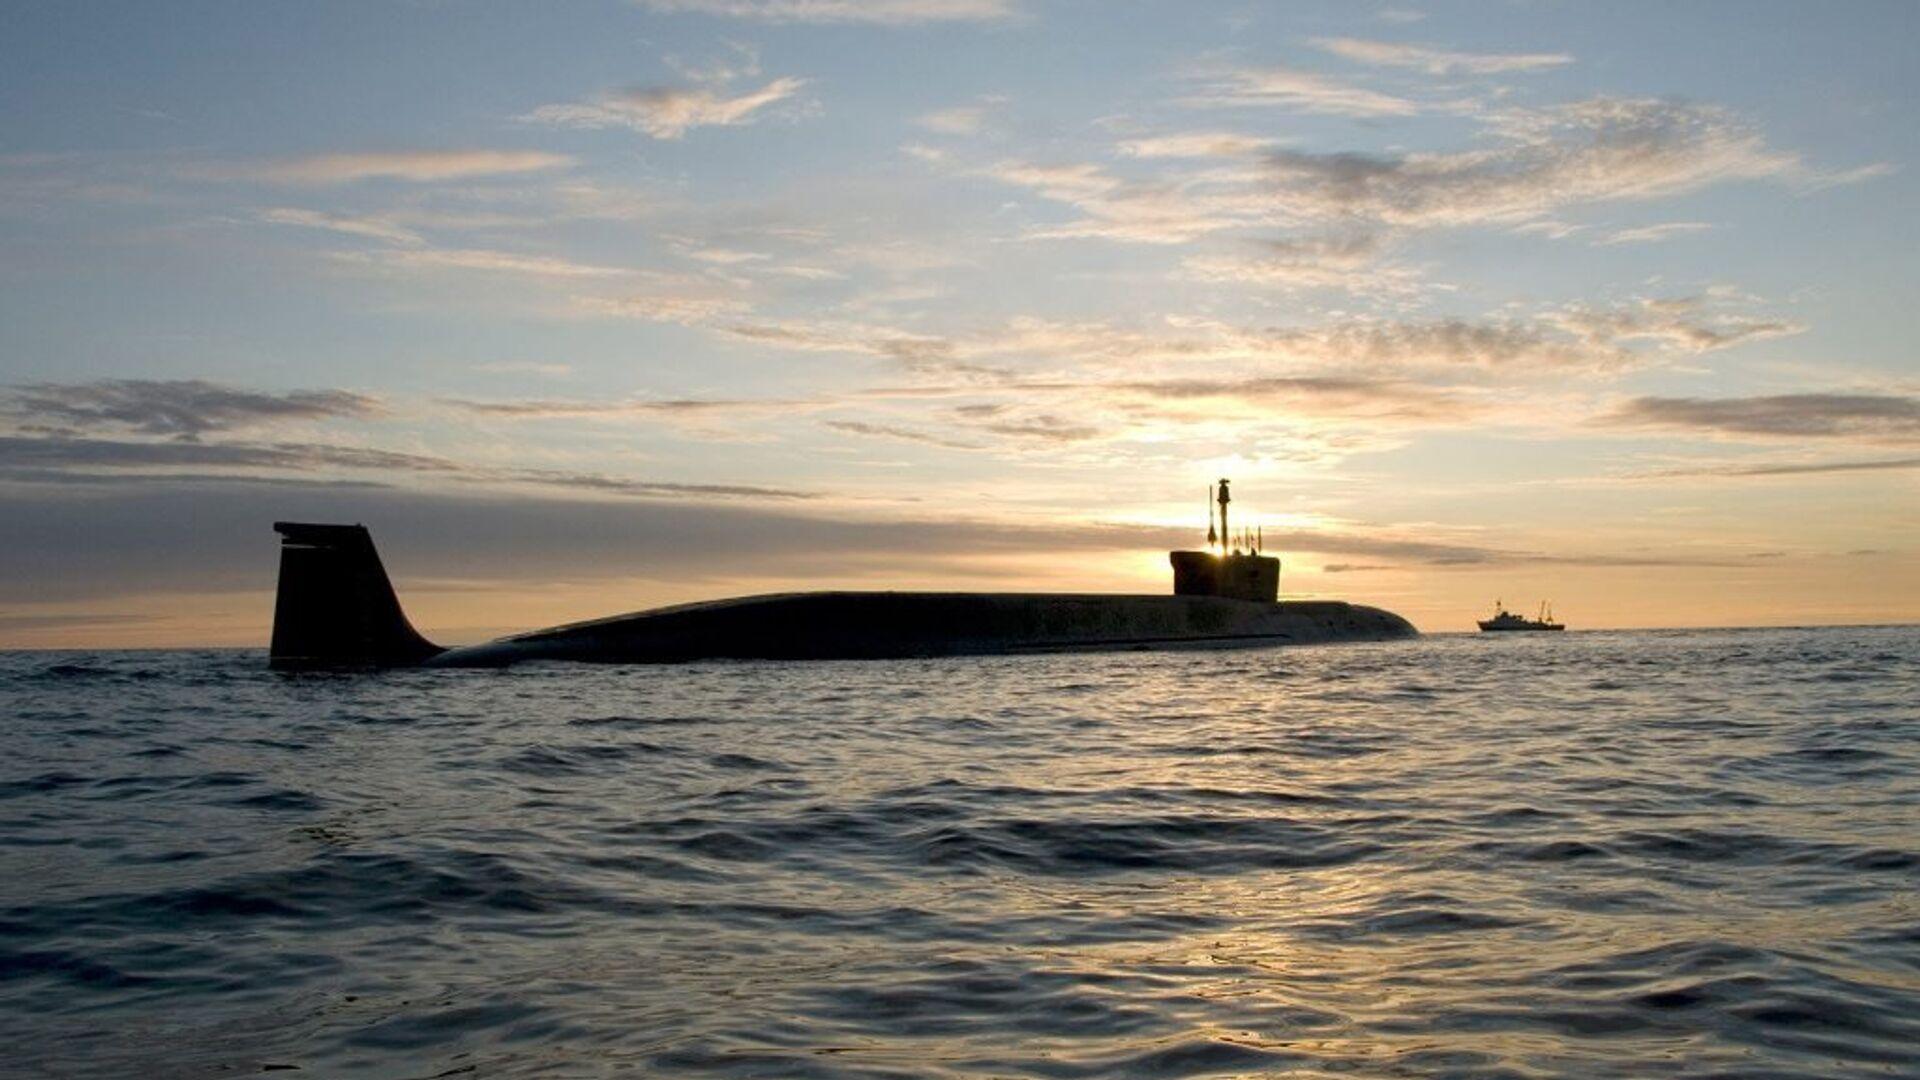 Rusya'nın 'en ölümcül' denizaltıları - Sputnik Türkiye, 1920, 12.09.2021